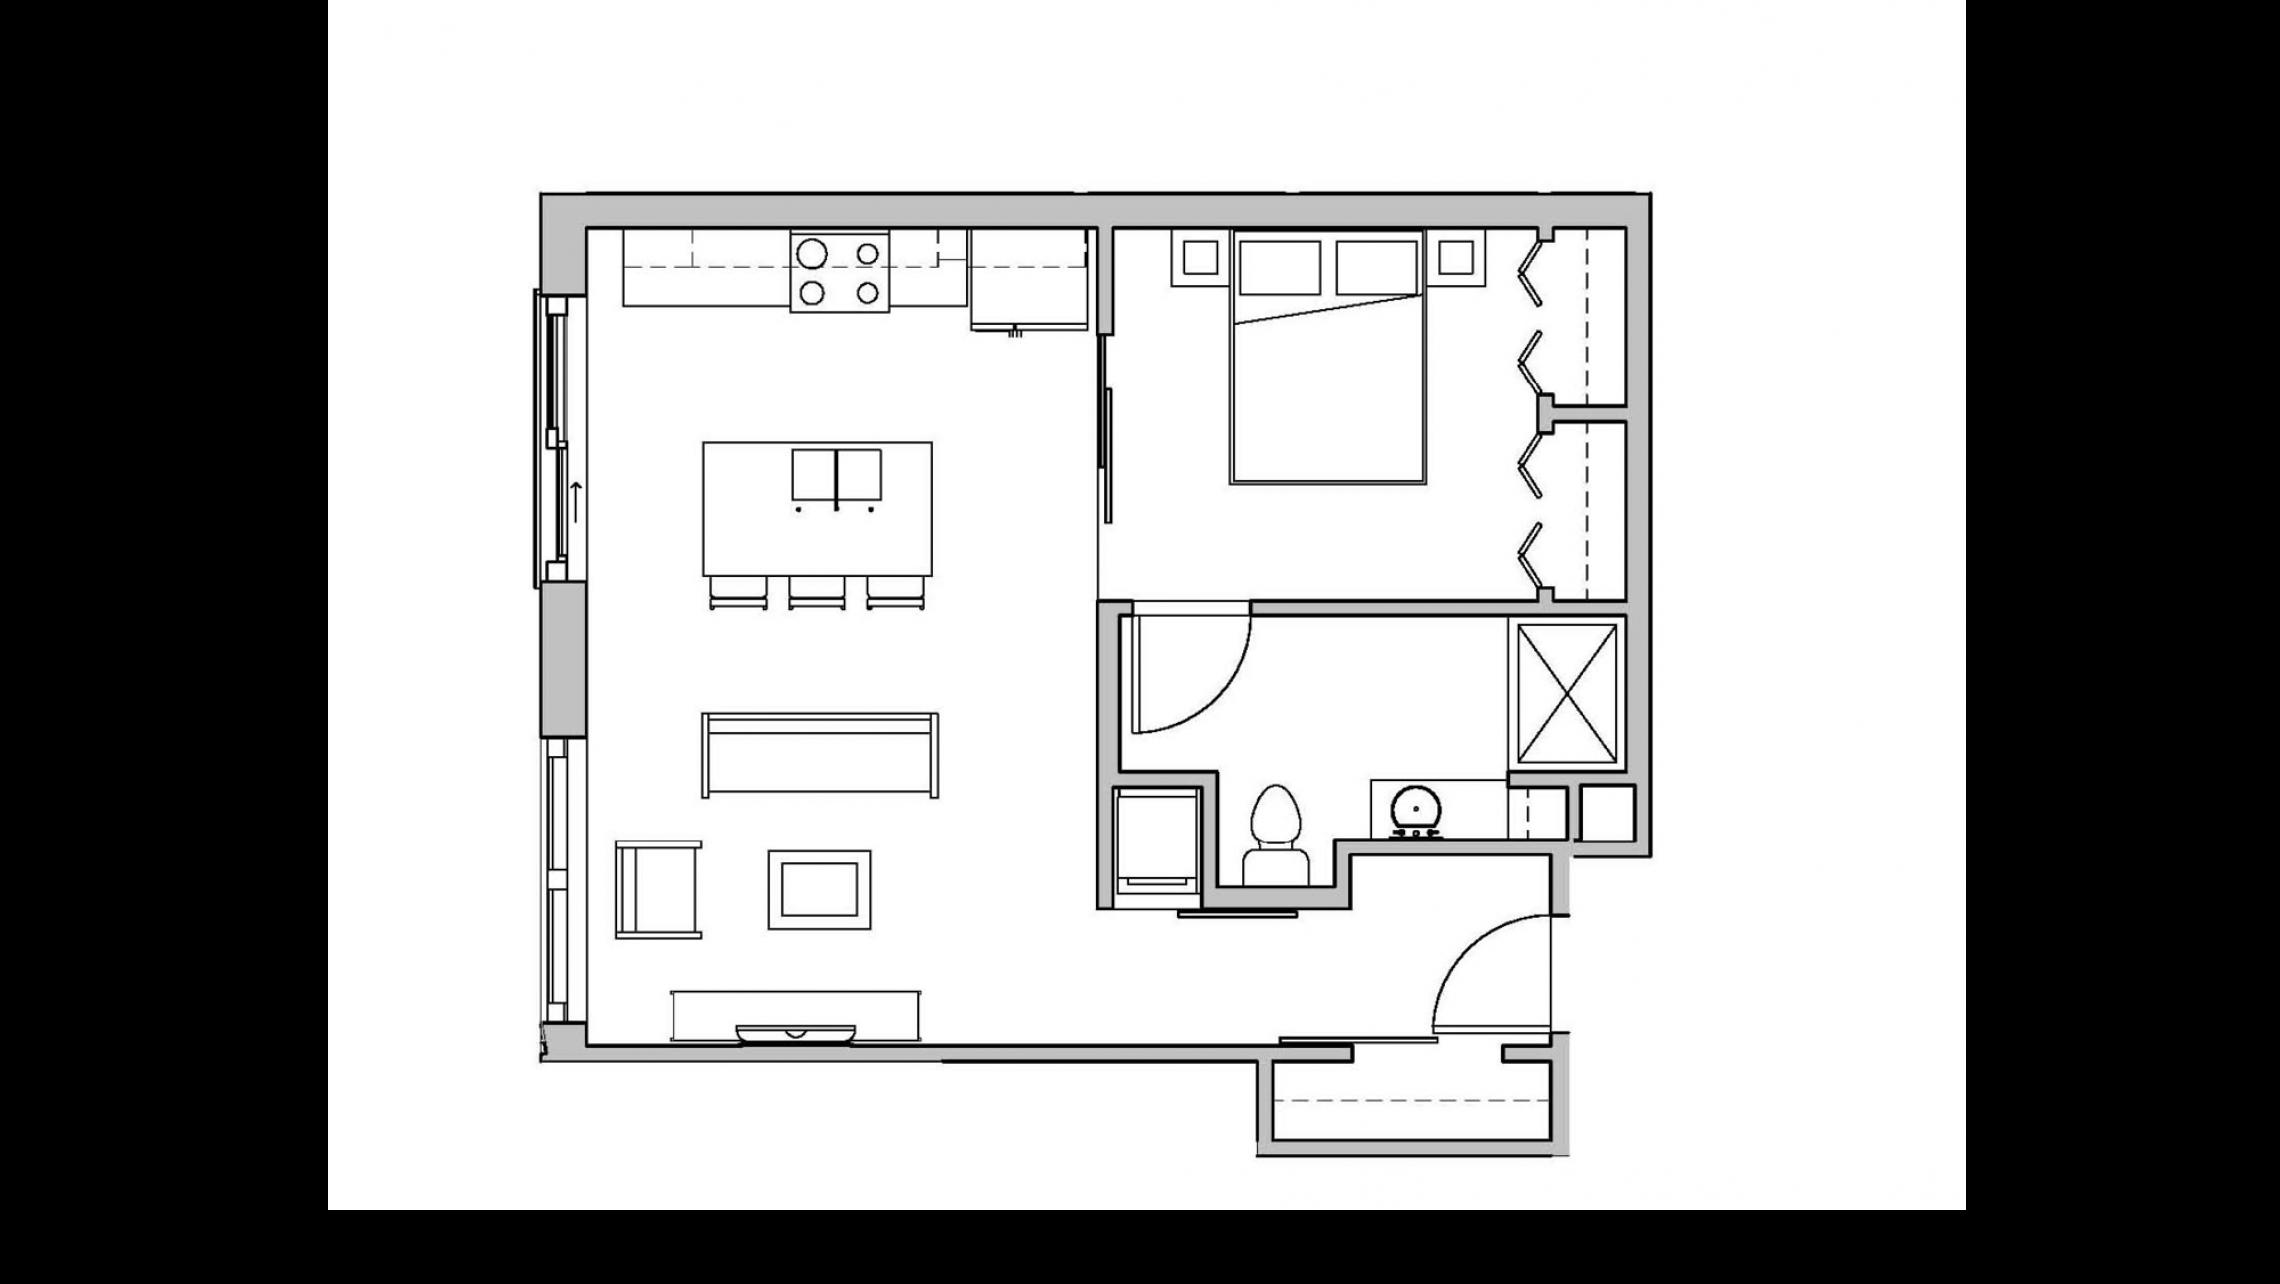 ULI Seven27 208 - One Bedroom, One Bathroom